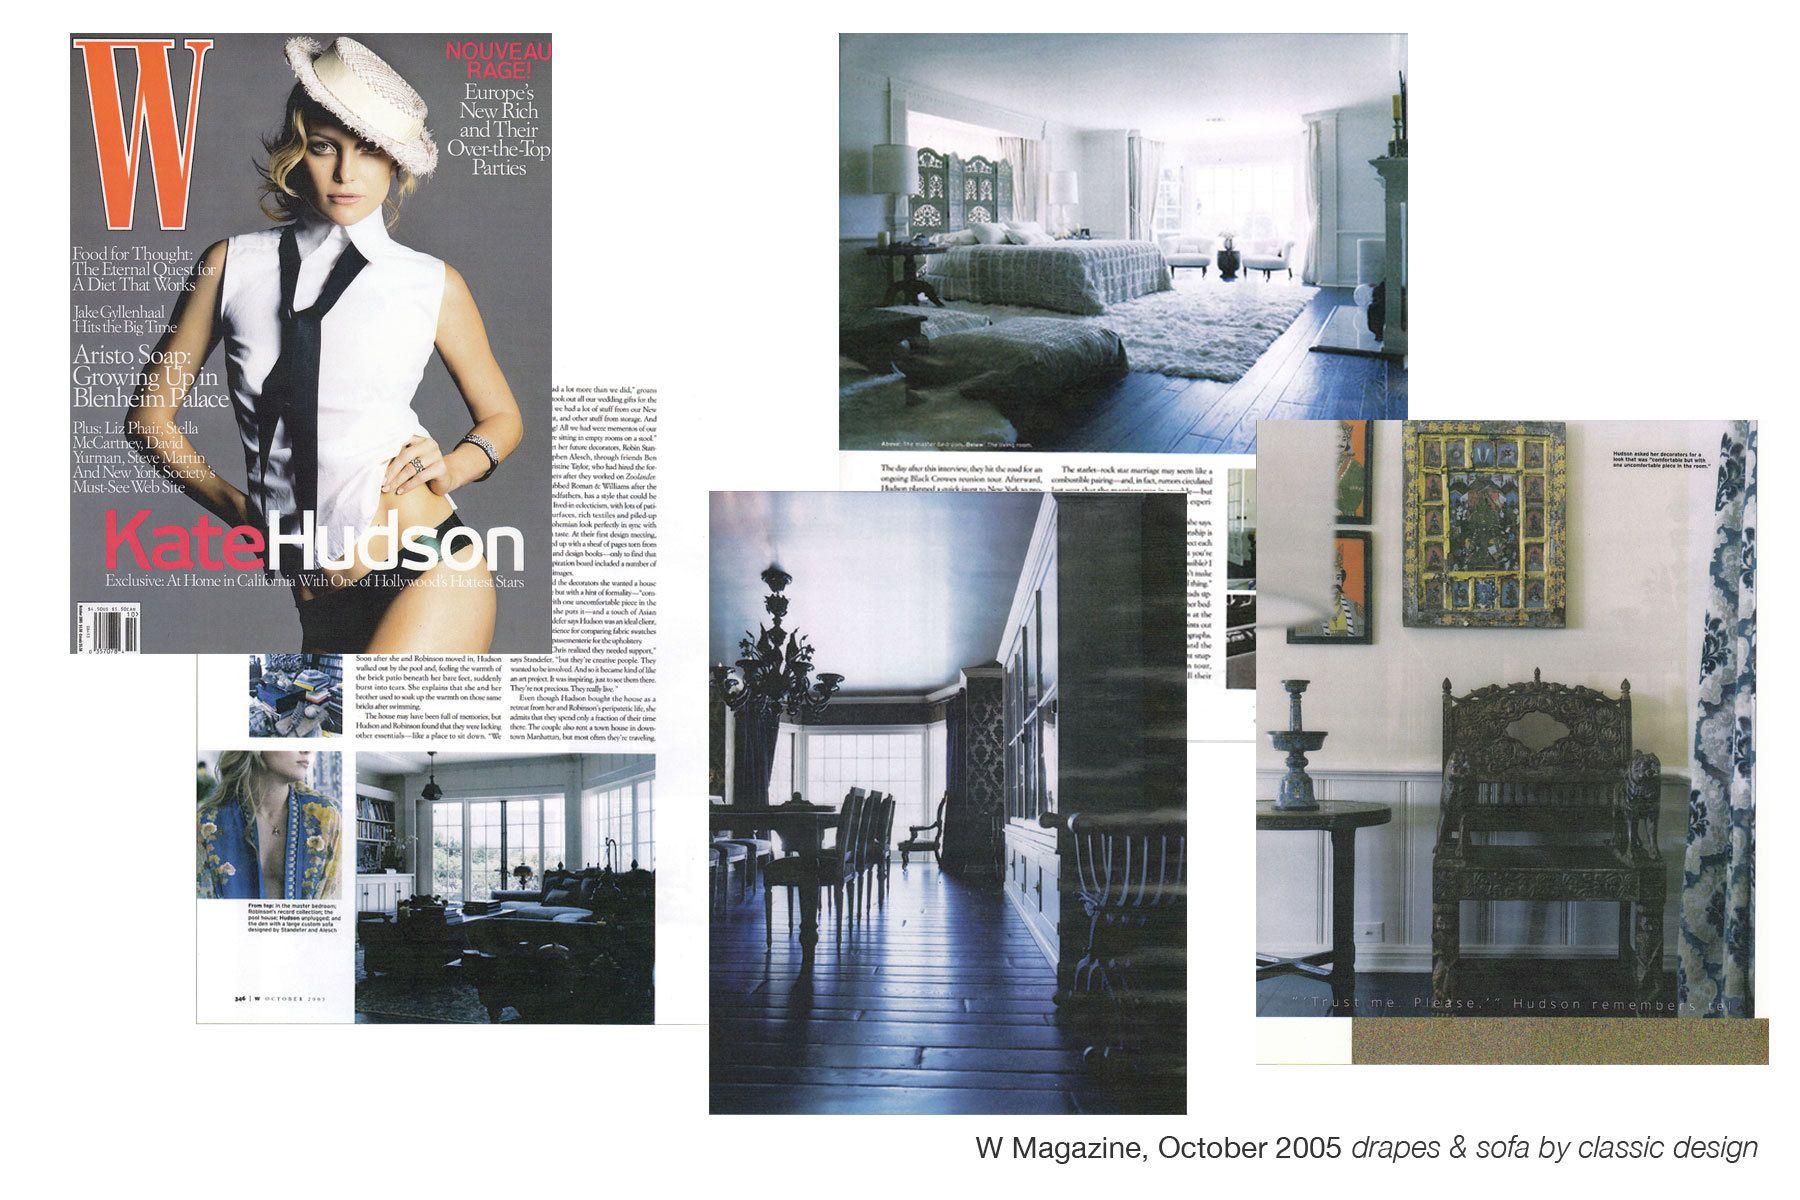 W Magazine, October 2005